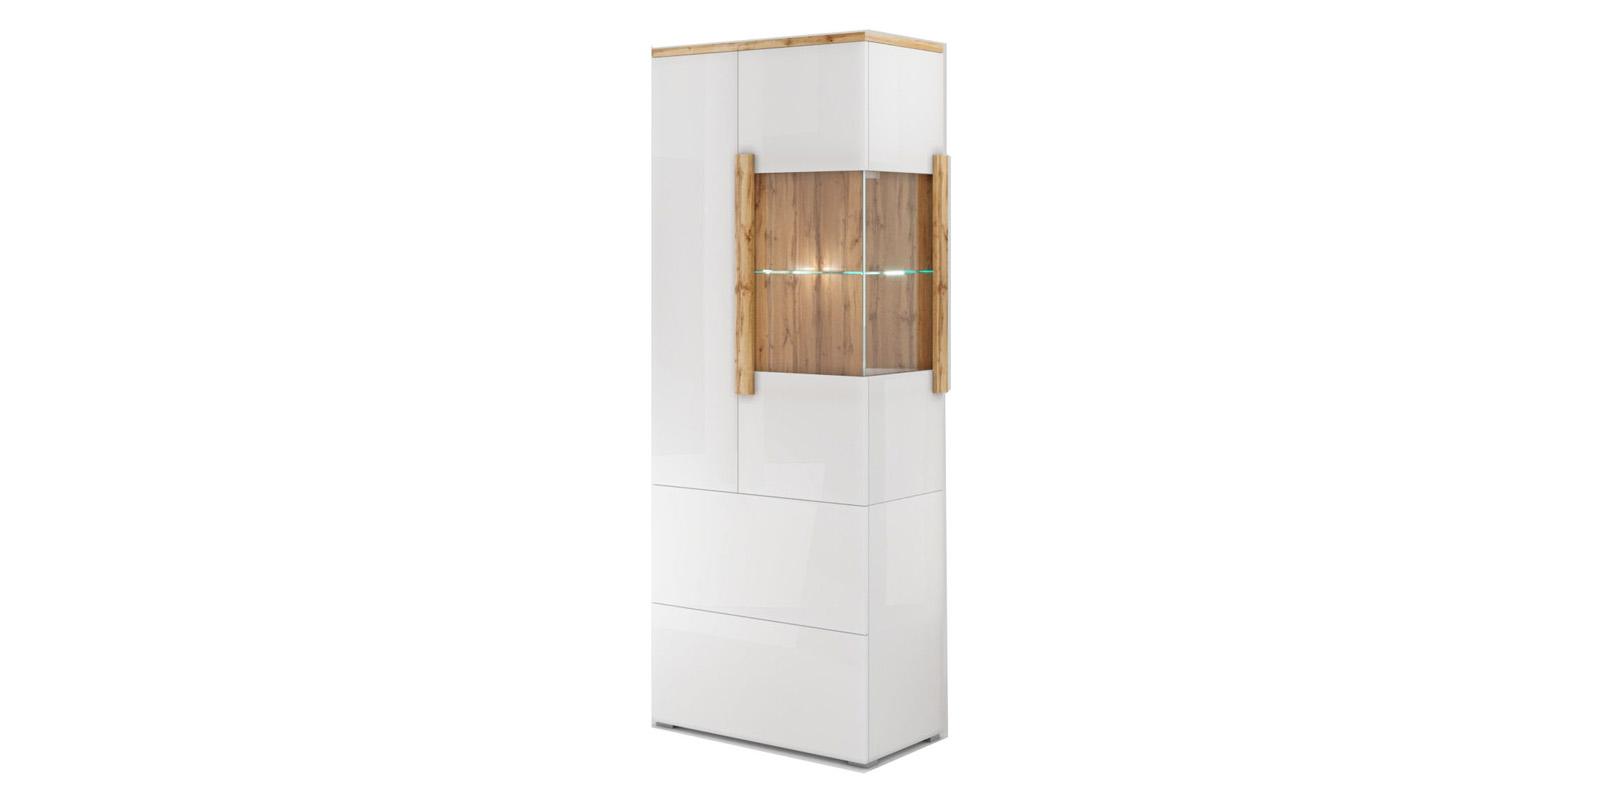 Витрина Сахара Шкаф витрина Сахара вариант №3 стекло справа (дуб ватан/белый лак) САХАРА 1914.М1 фото